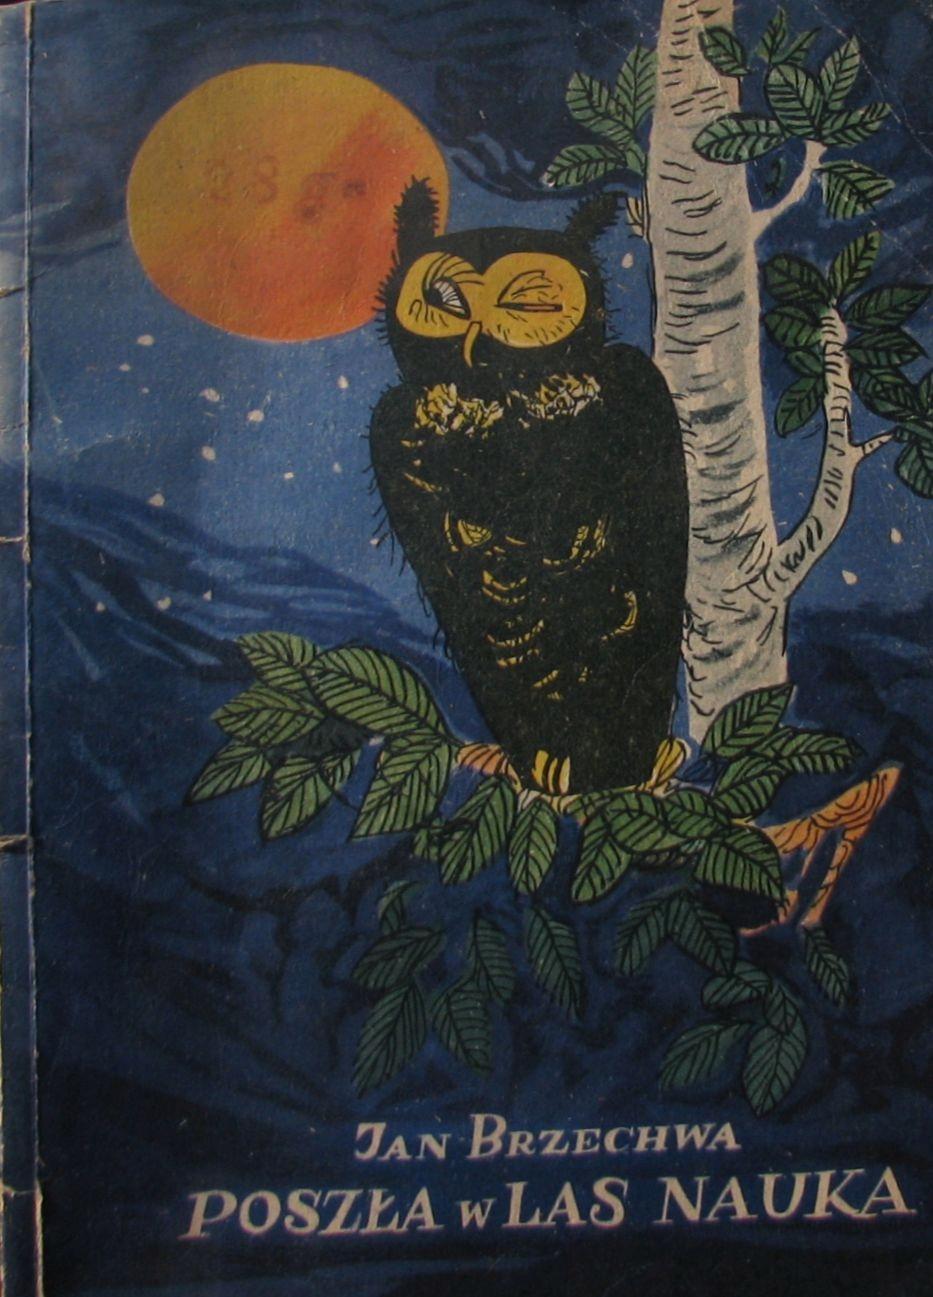 Kup Teraz Na Allegro Pl Za 64 Zl Poszla W Las Nauka 1956 Brzechwa Witz Z Miasta Krakow Stan Uzywany Allegro Pl Radosc Zakup Poster Illustrators Painting